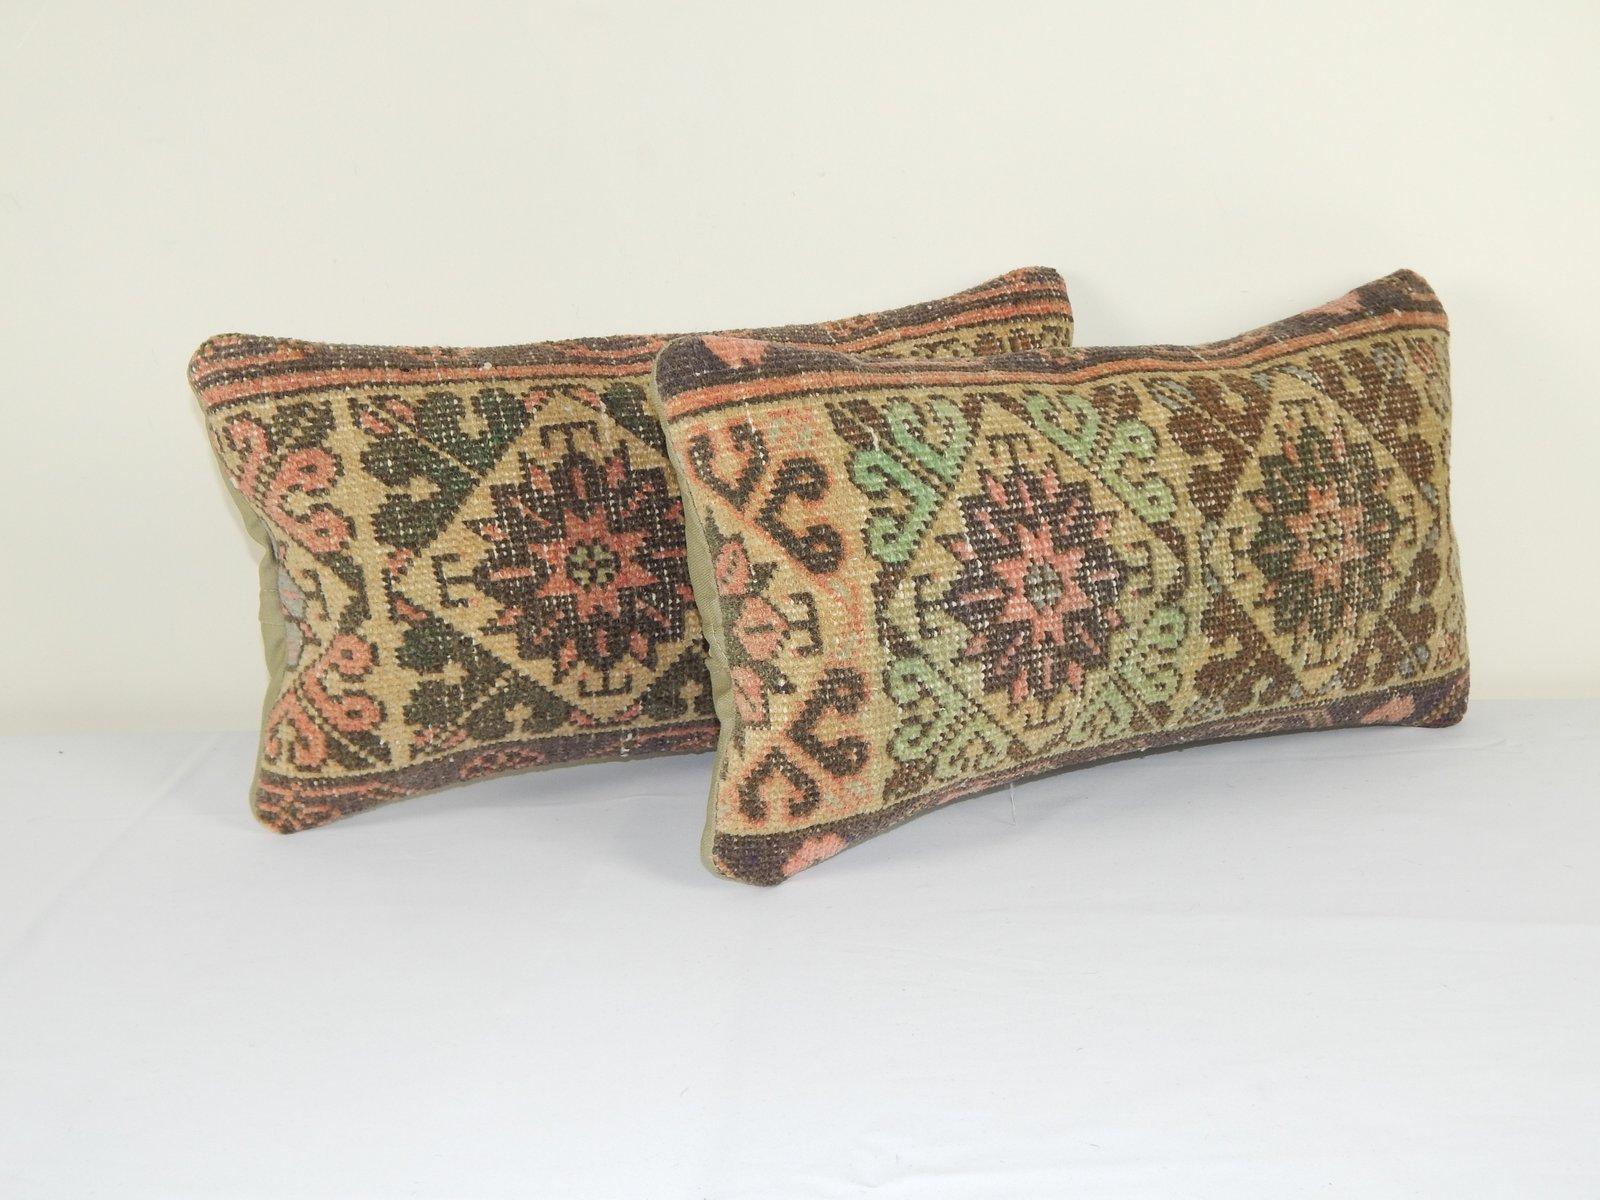 decorative turkish lumbar rug cushion covers set of 2